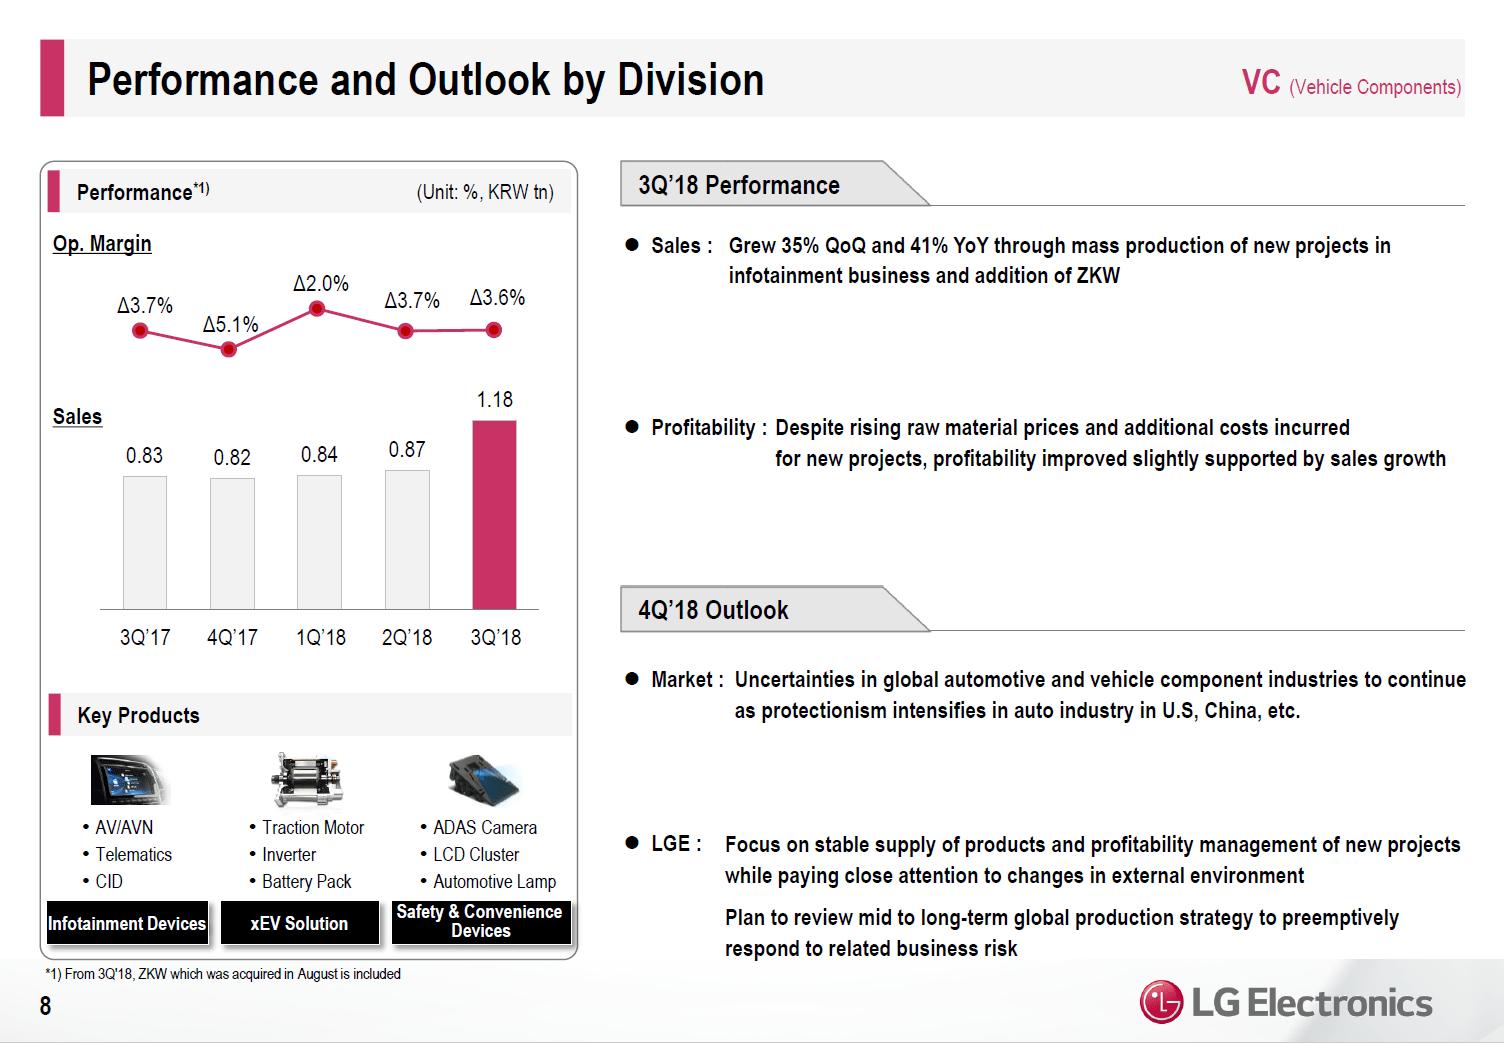 LG-Quartalszahlen Q3 nach Segment: VC